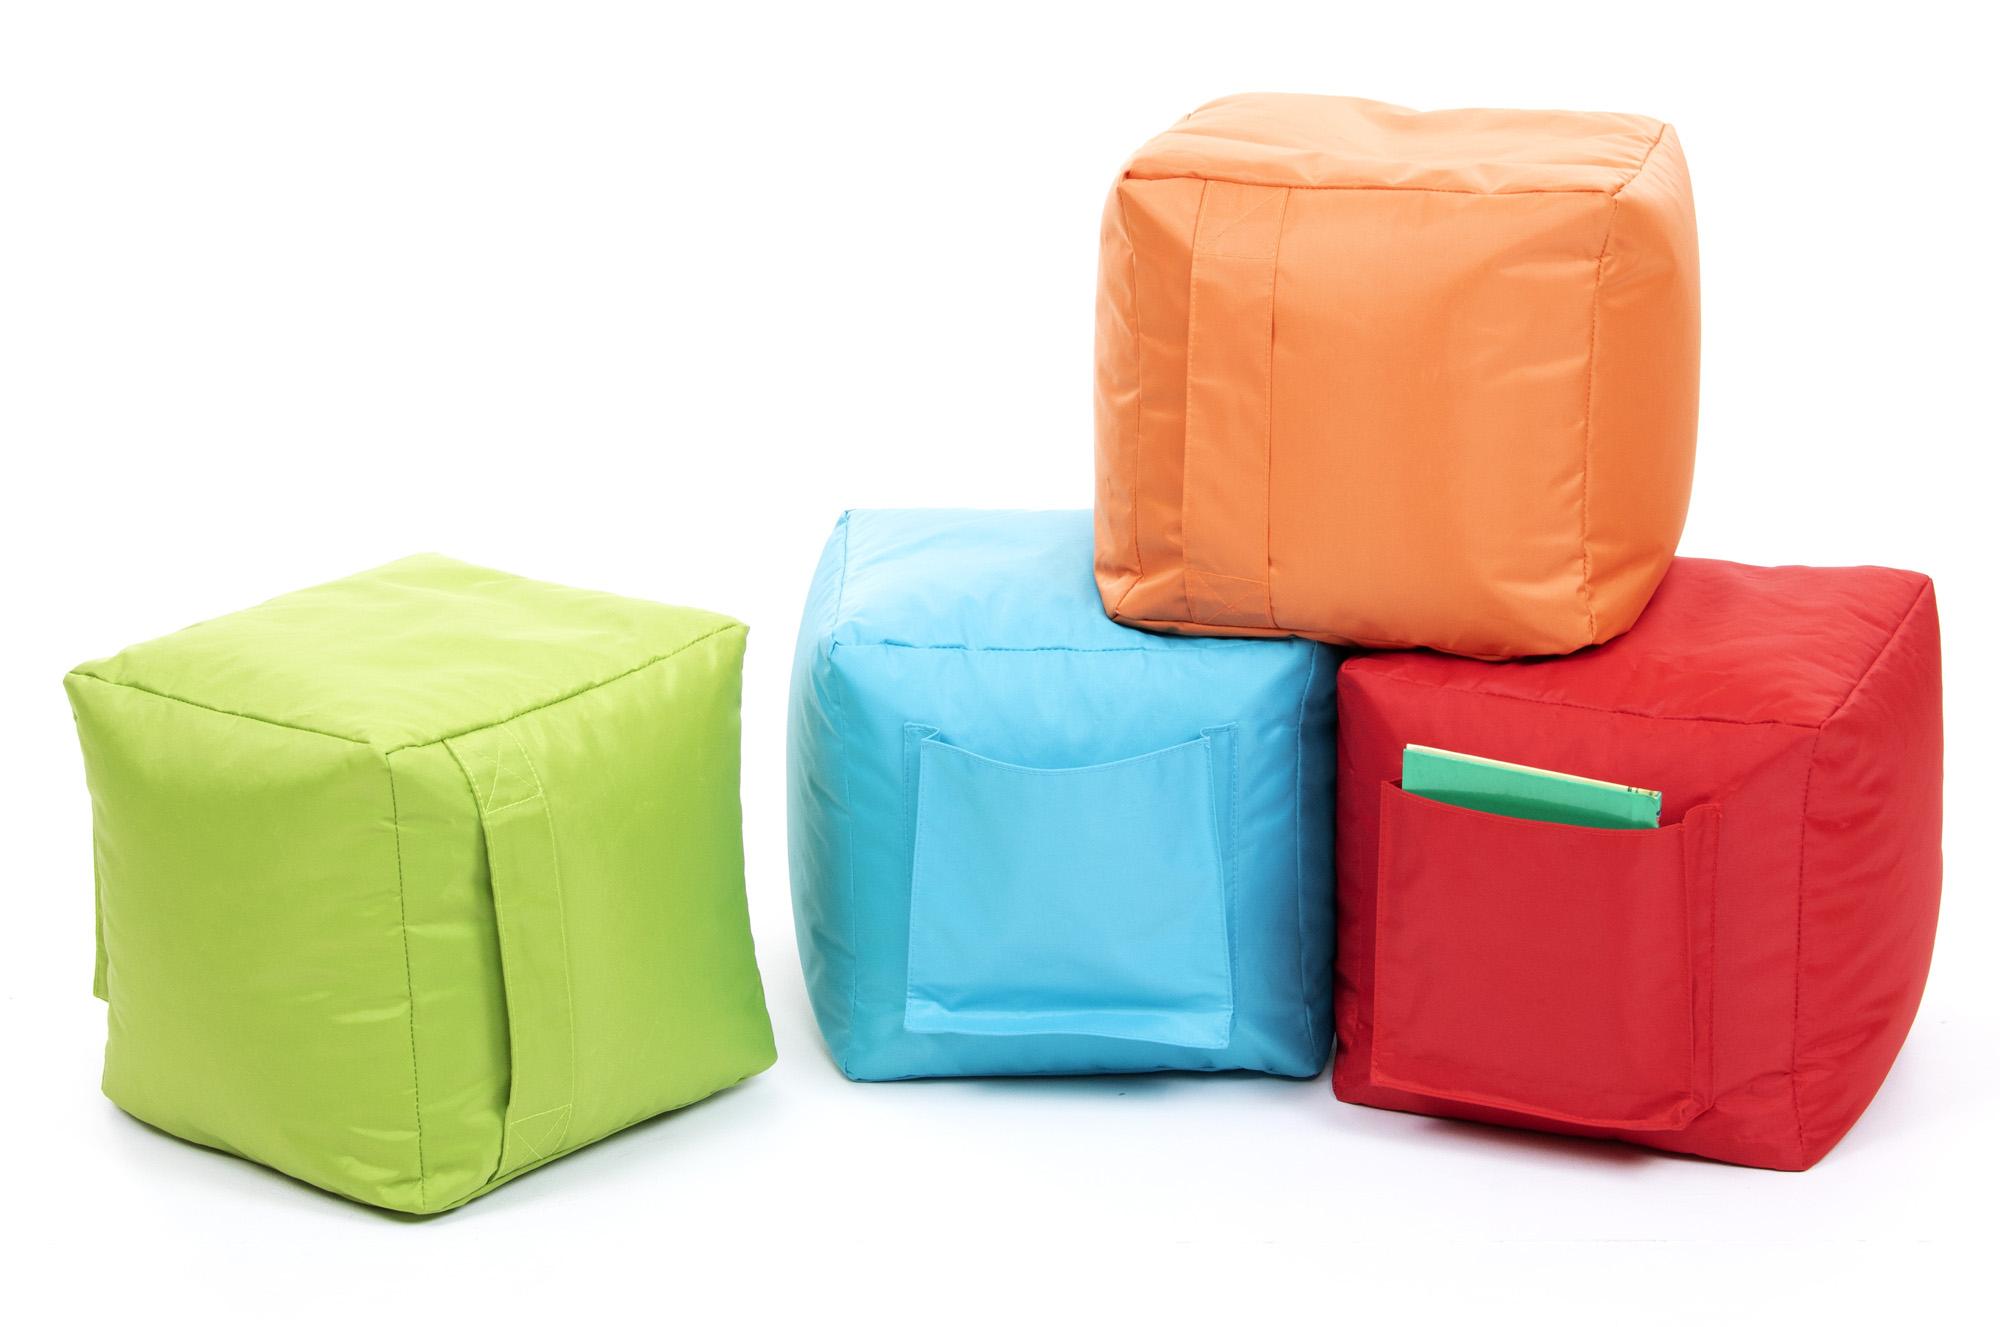 Eden-Put-Away-Cubes-1-300dpi